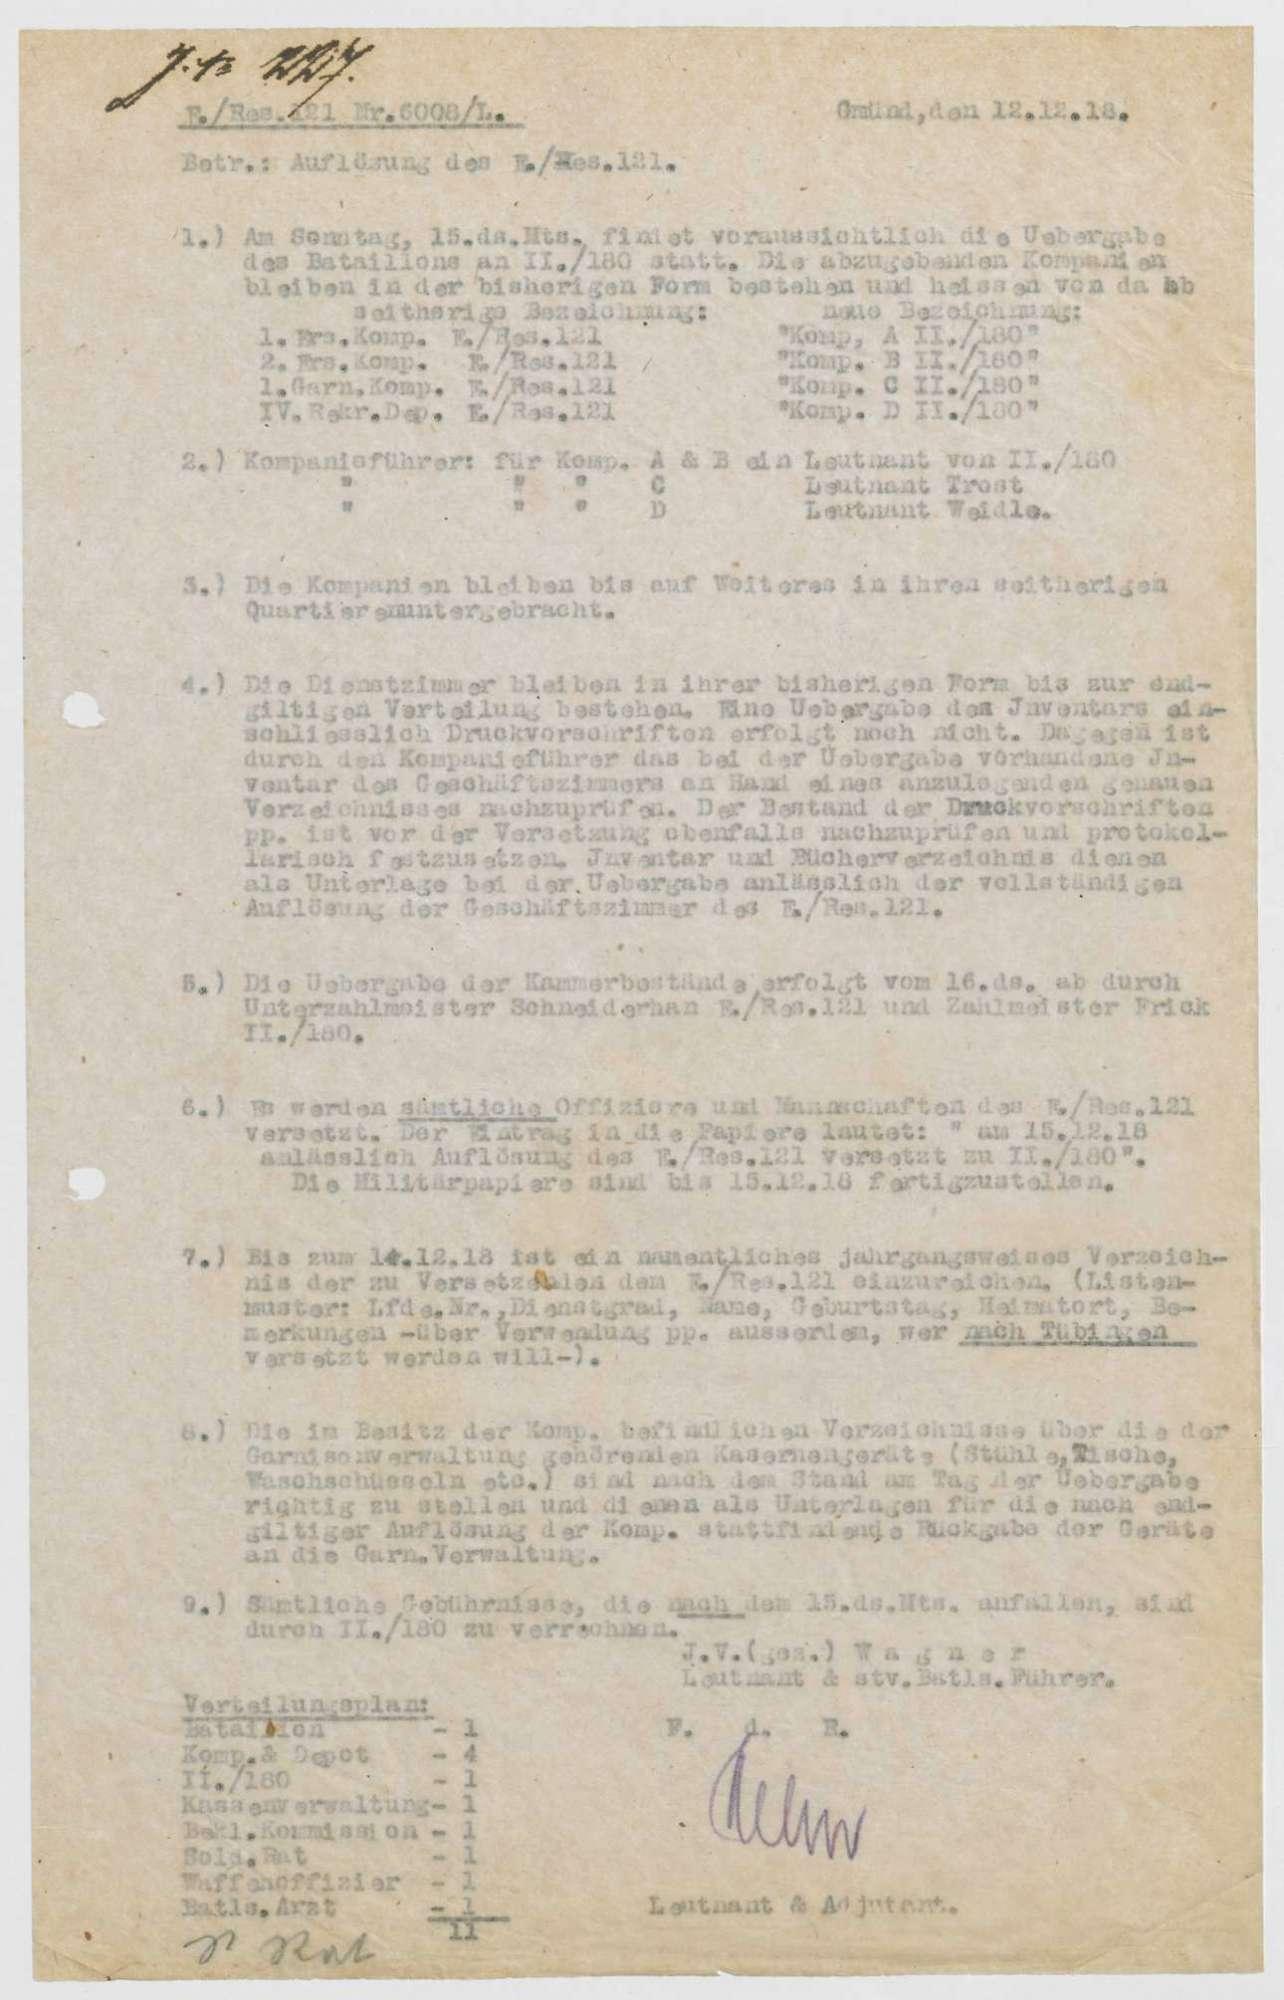 Auflösung des Ersatz-Bataillons des Reserve-Infanterie-Regiments Nr. 121 und Übergabe an das II. Bataillon des Infanterie-Regiments Nr. 180, Bild 1